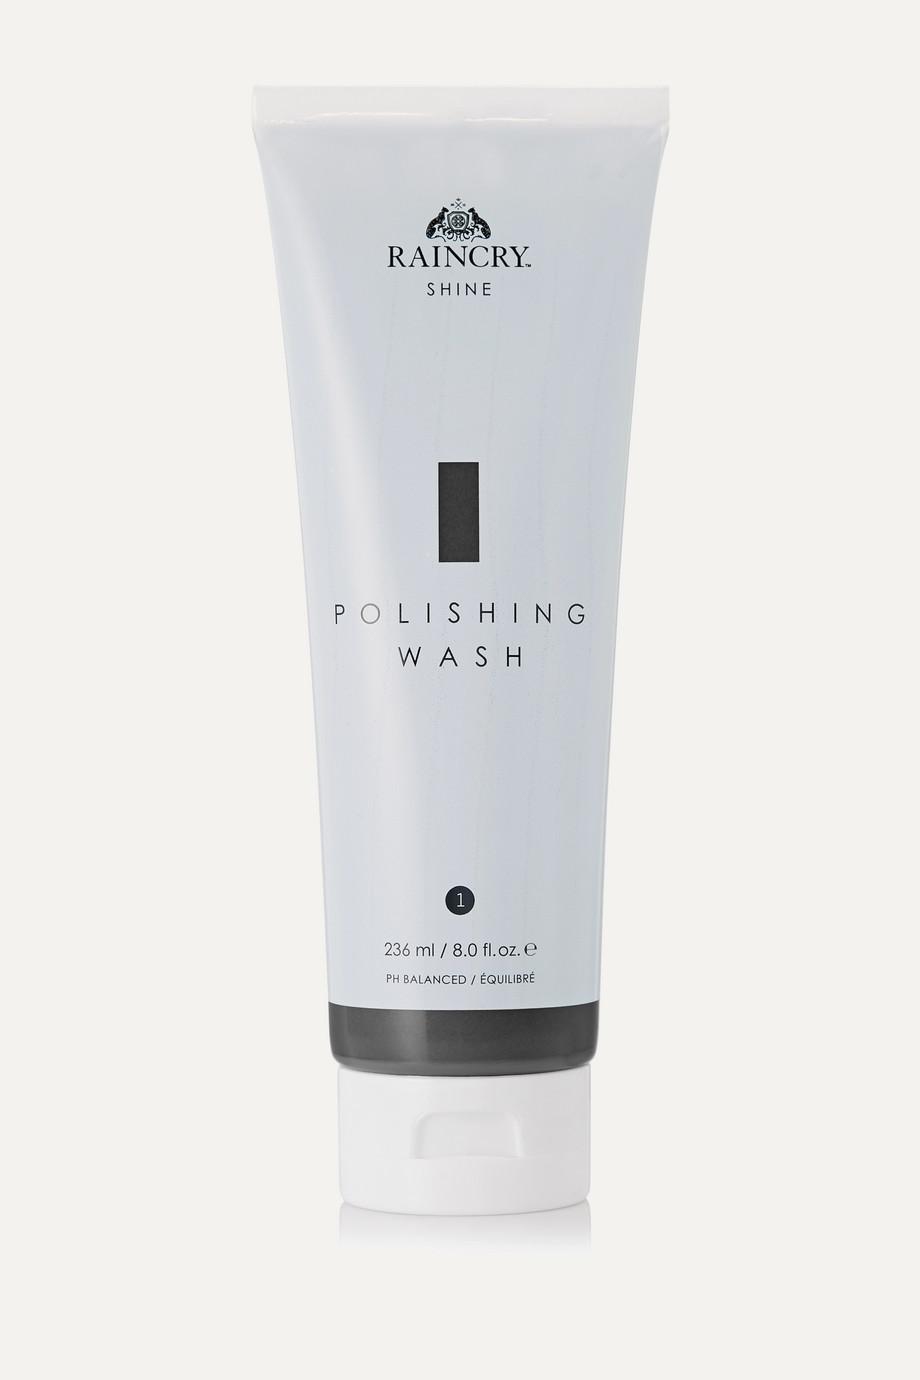 RAINCRY Polishing Wash, 236ml